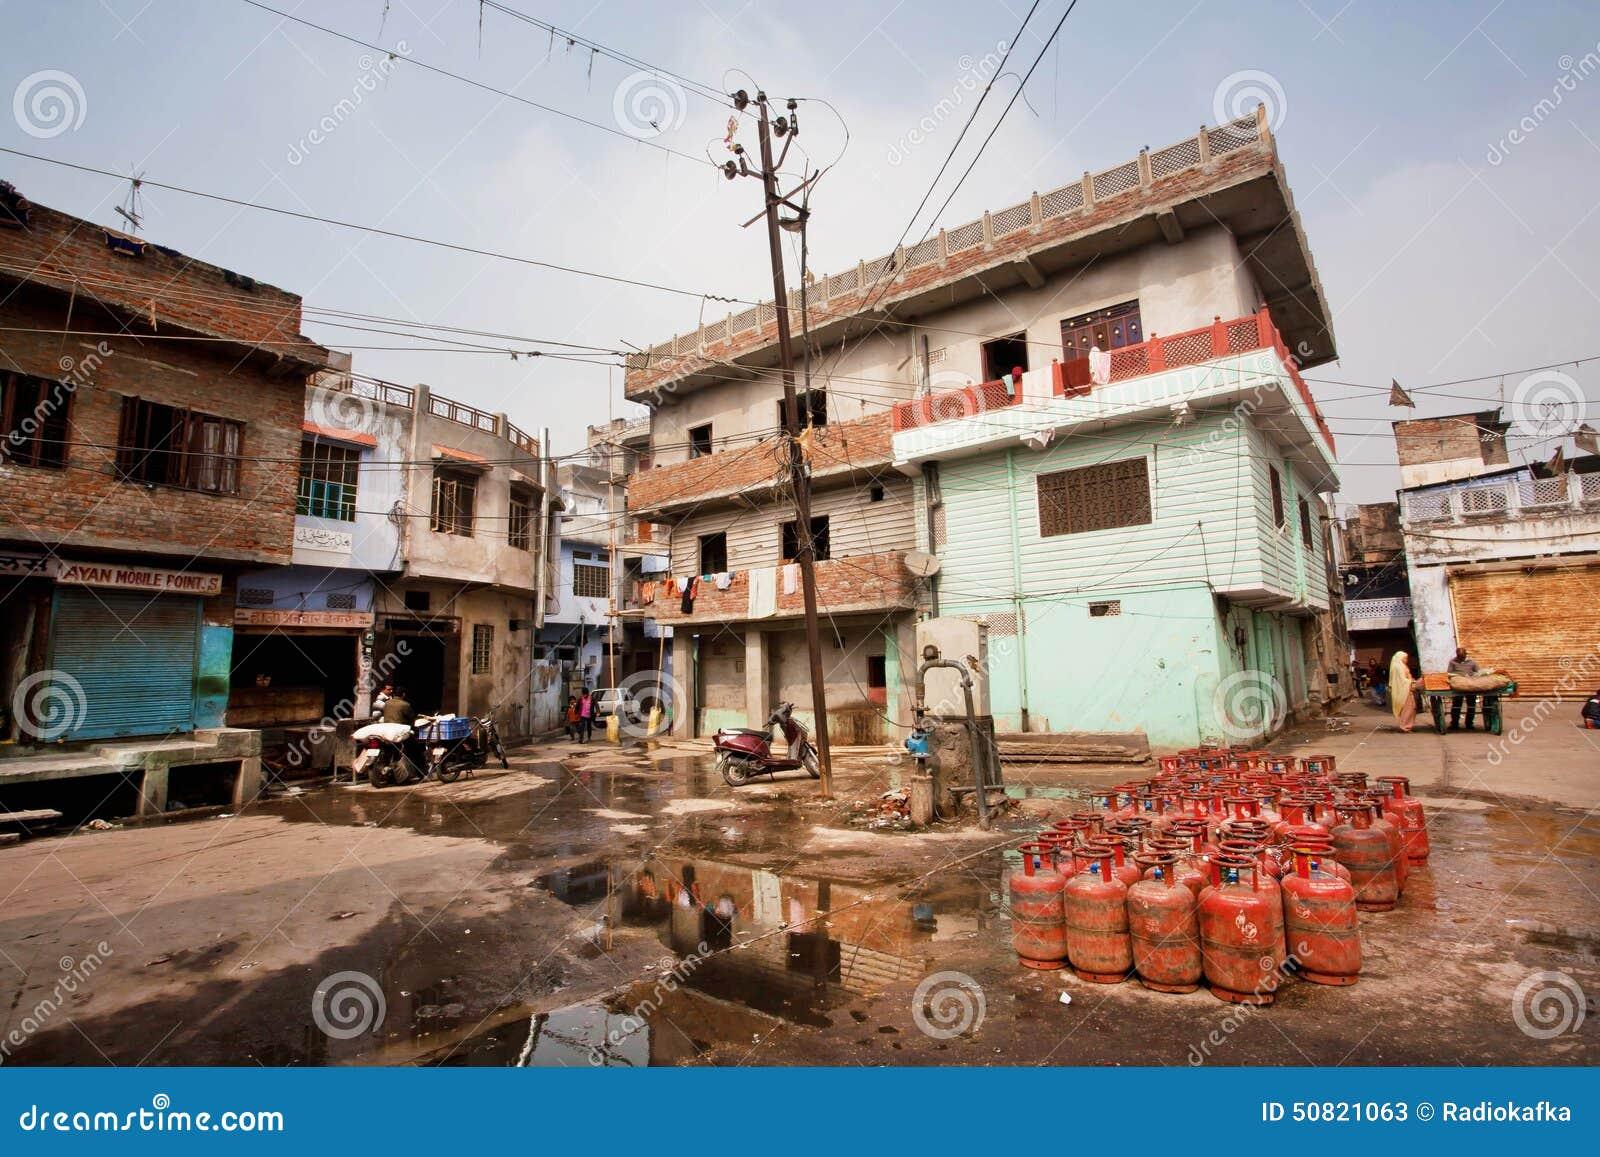 Gasflessen gezet op een vuile straat met oude huizen van slechte families